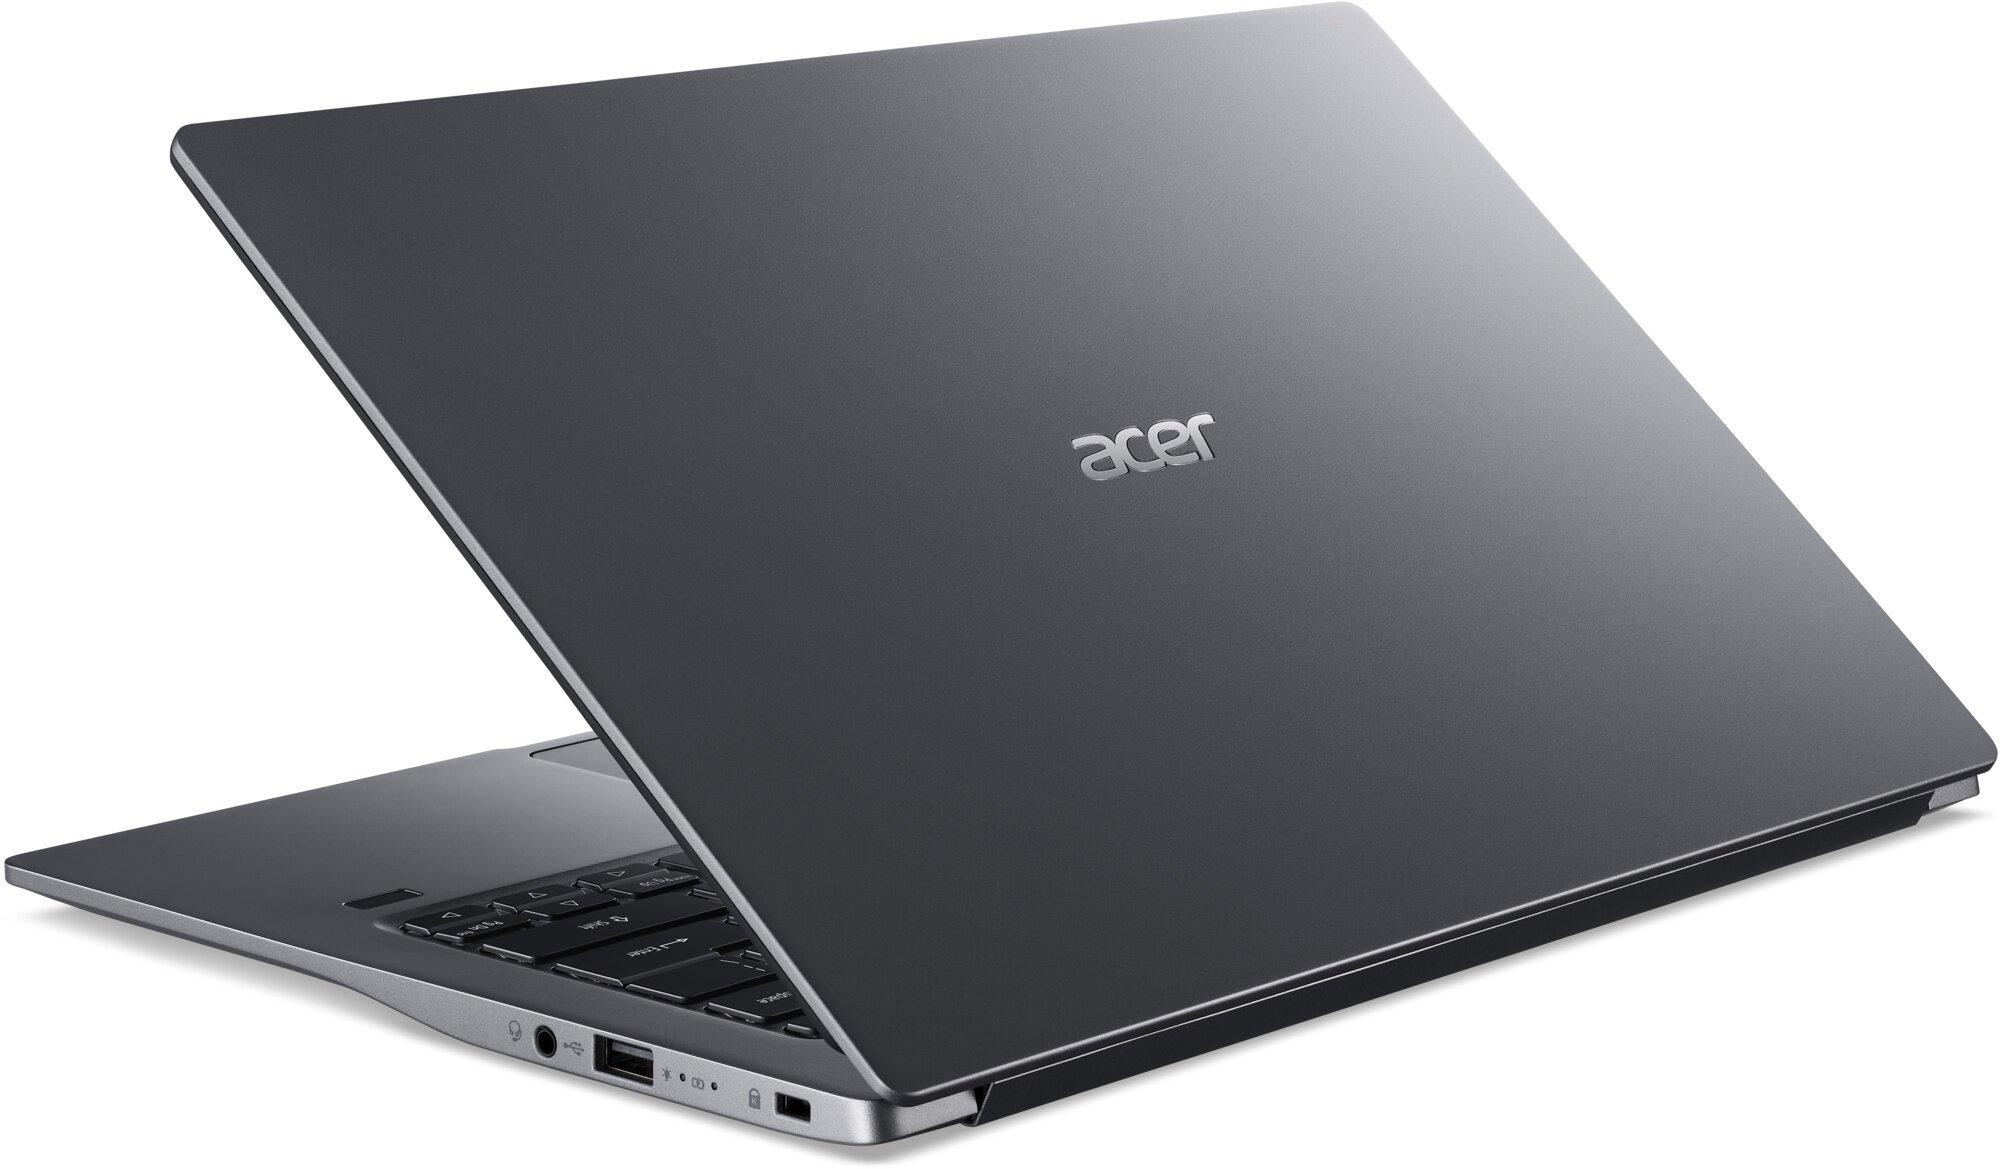 Acer Swift 3 SF314-57-7783